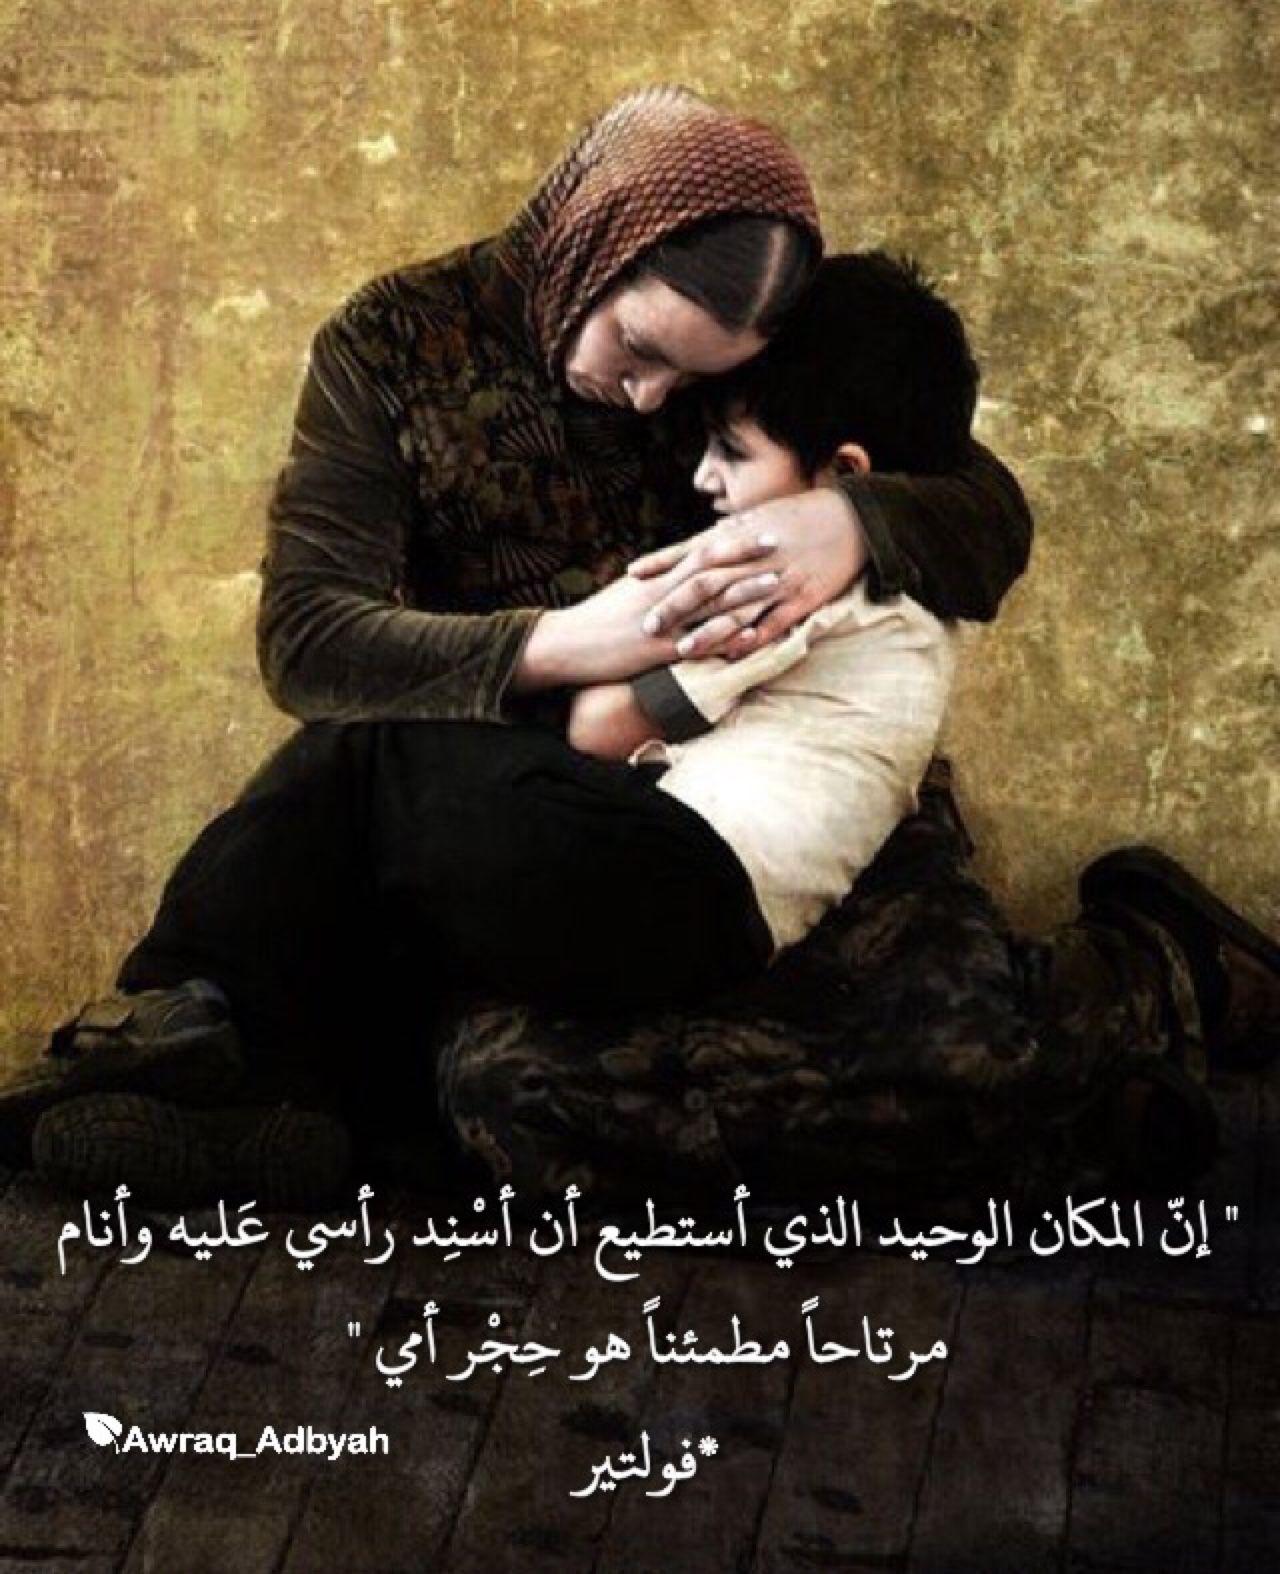 بالصور رسالة عن الام , رسالة عن حب الام 11699 11